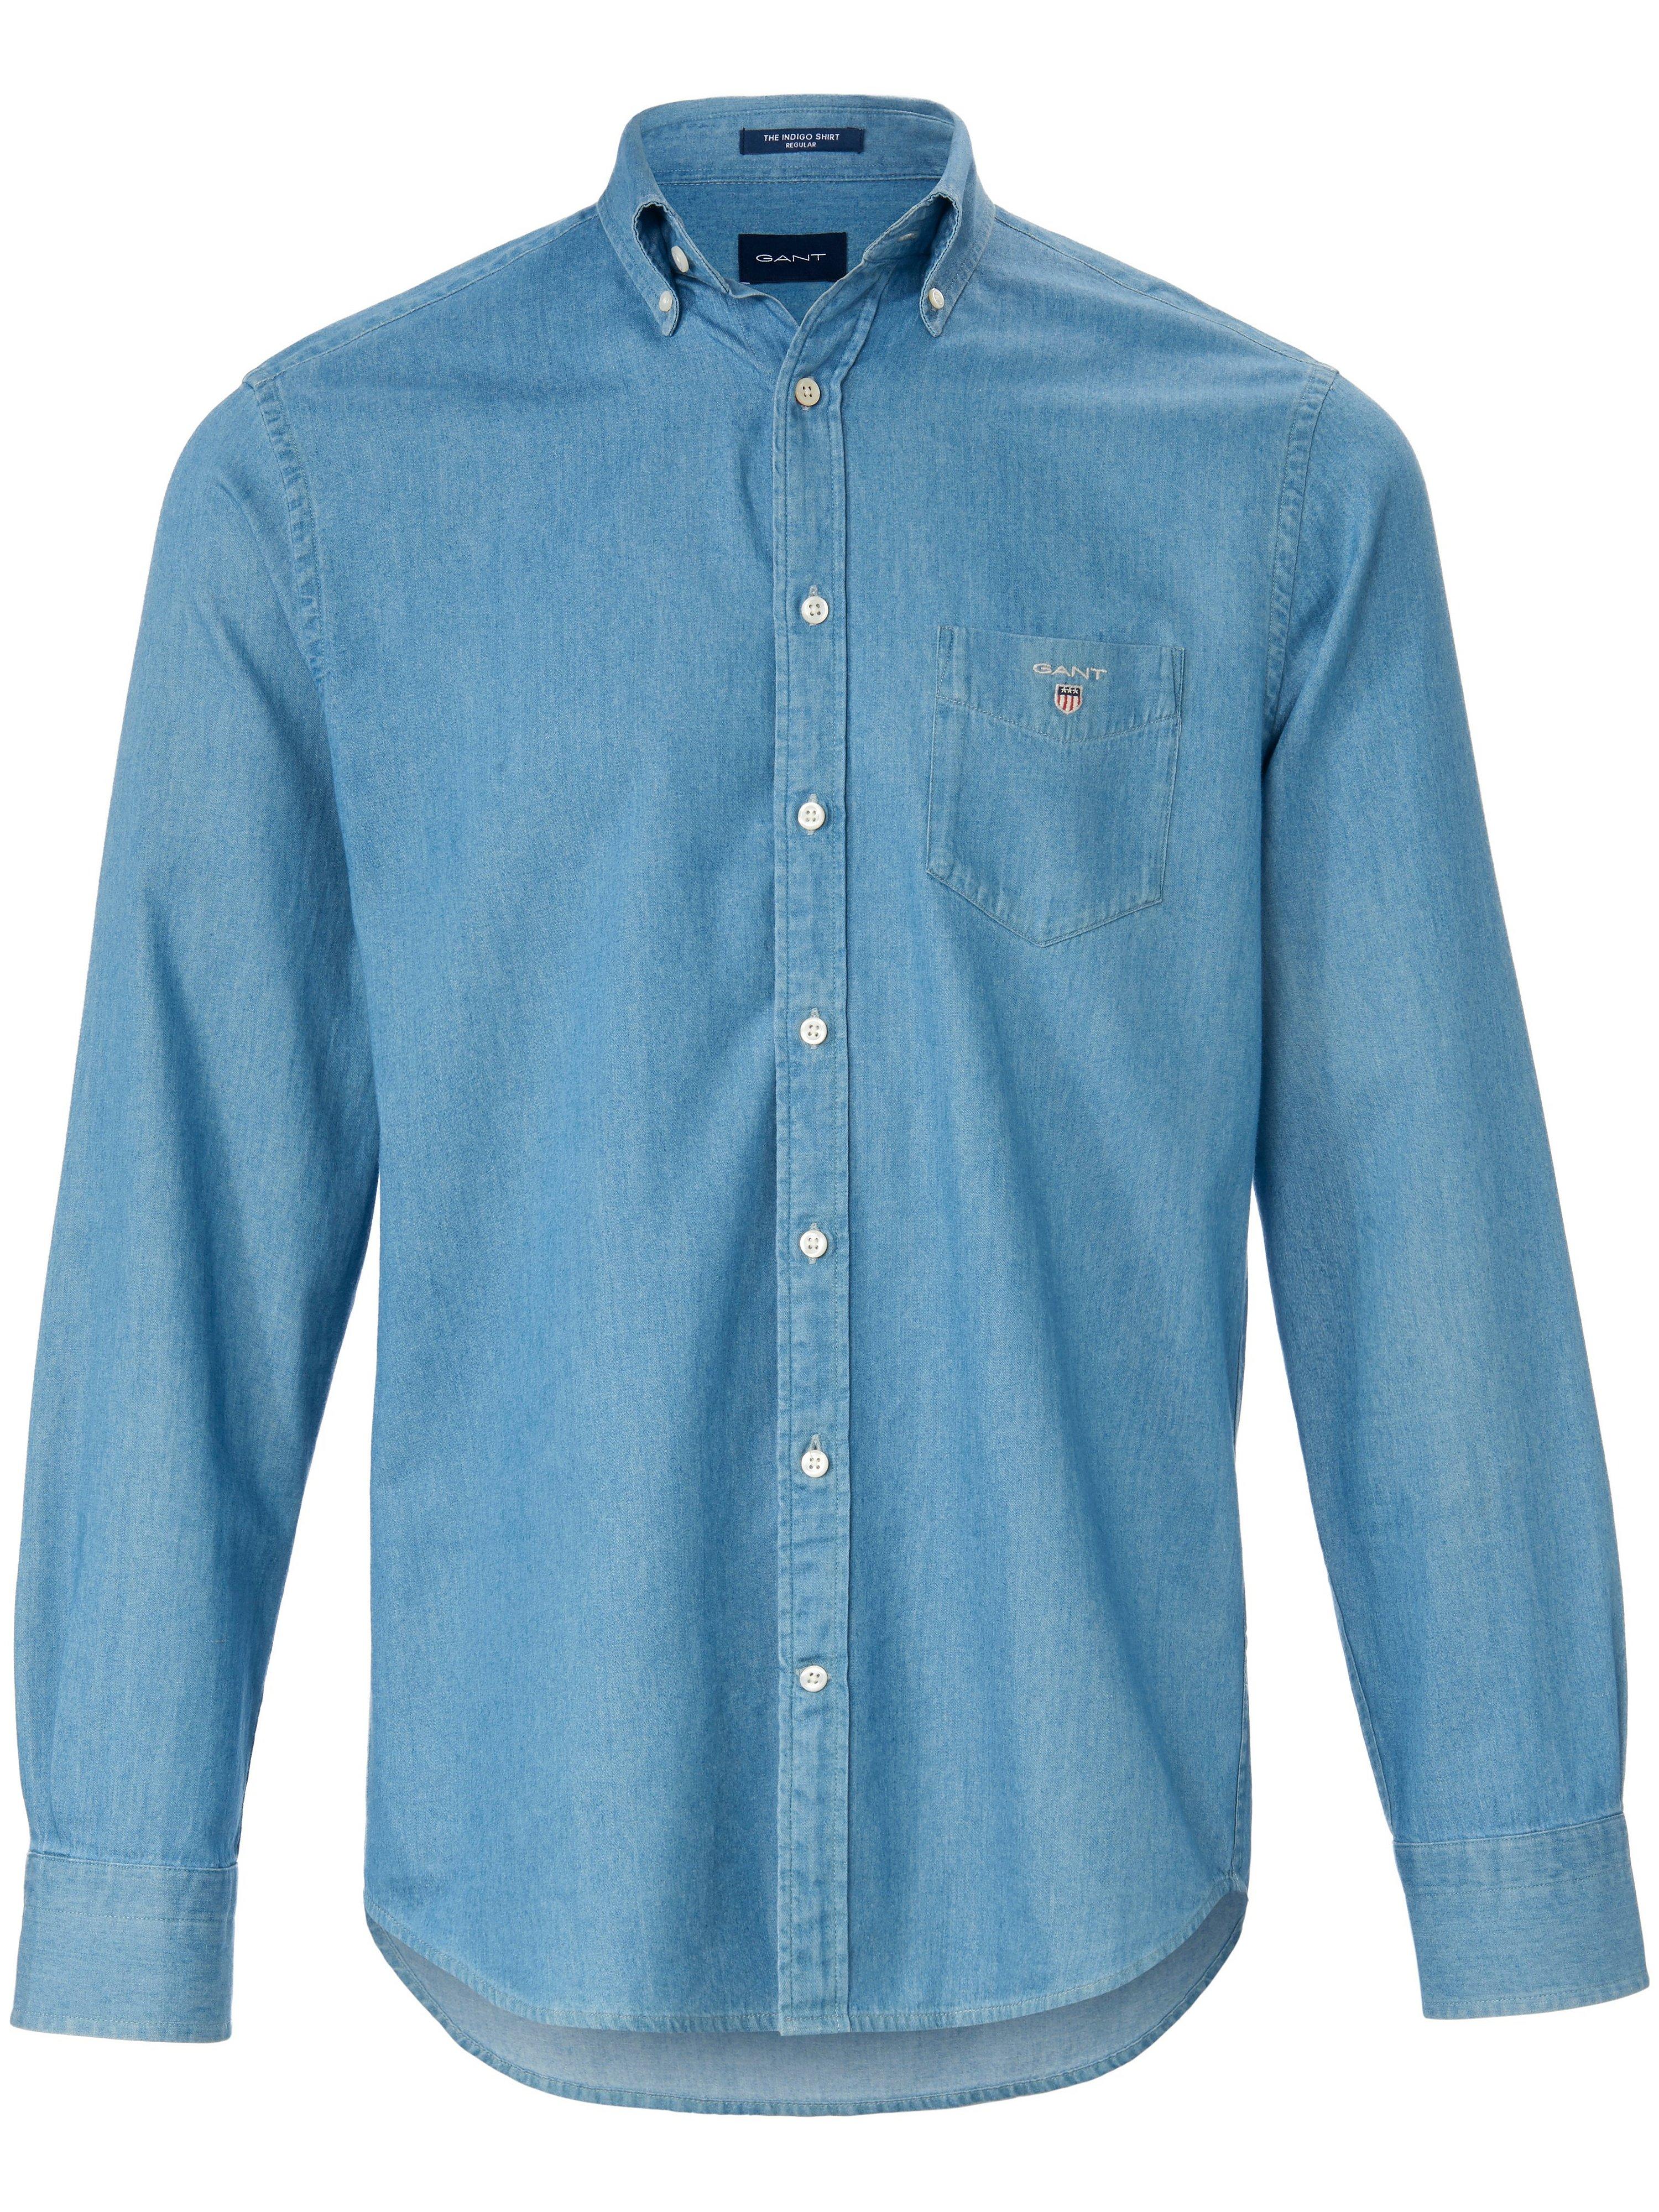 Jeansoverhemd Regular Fit 100% katoen Van GANT denim